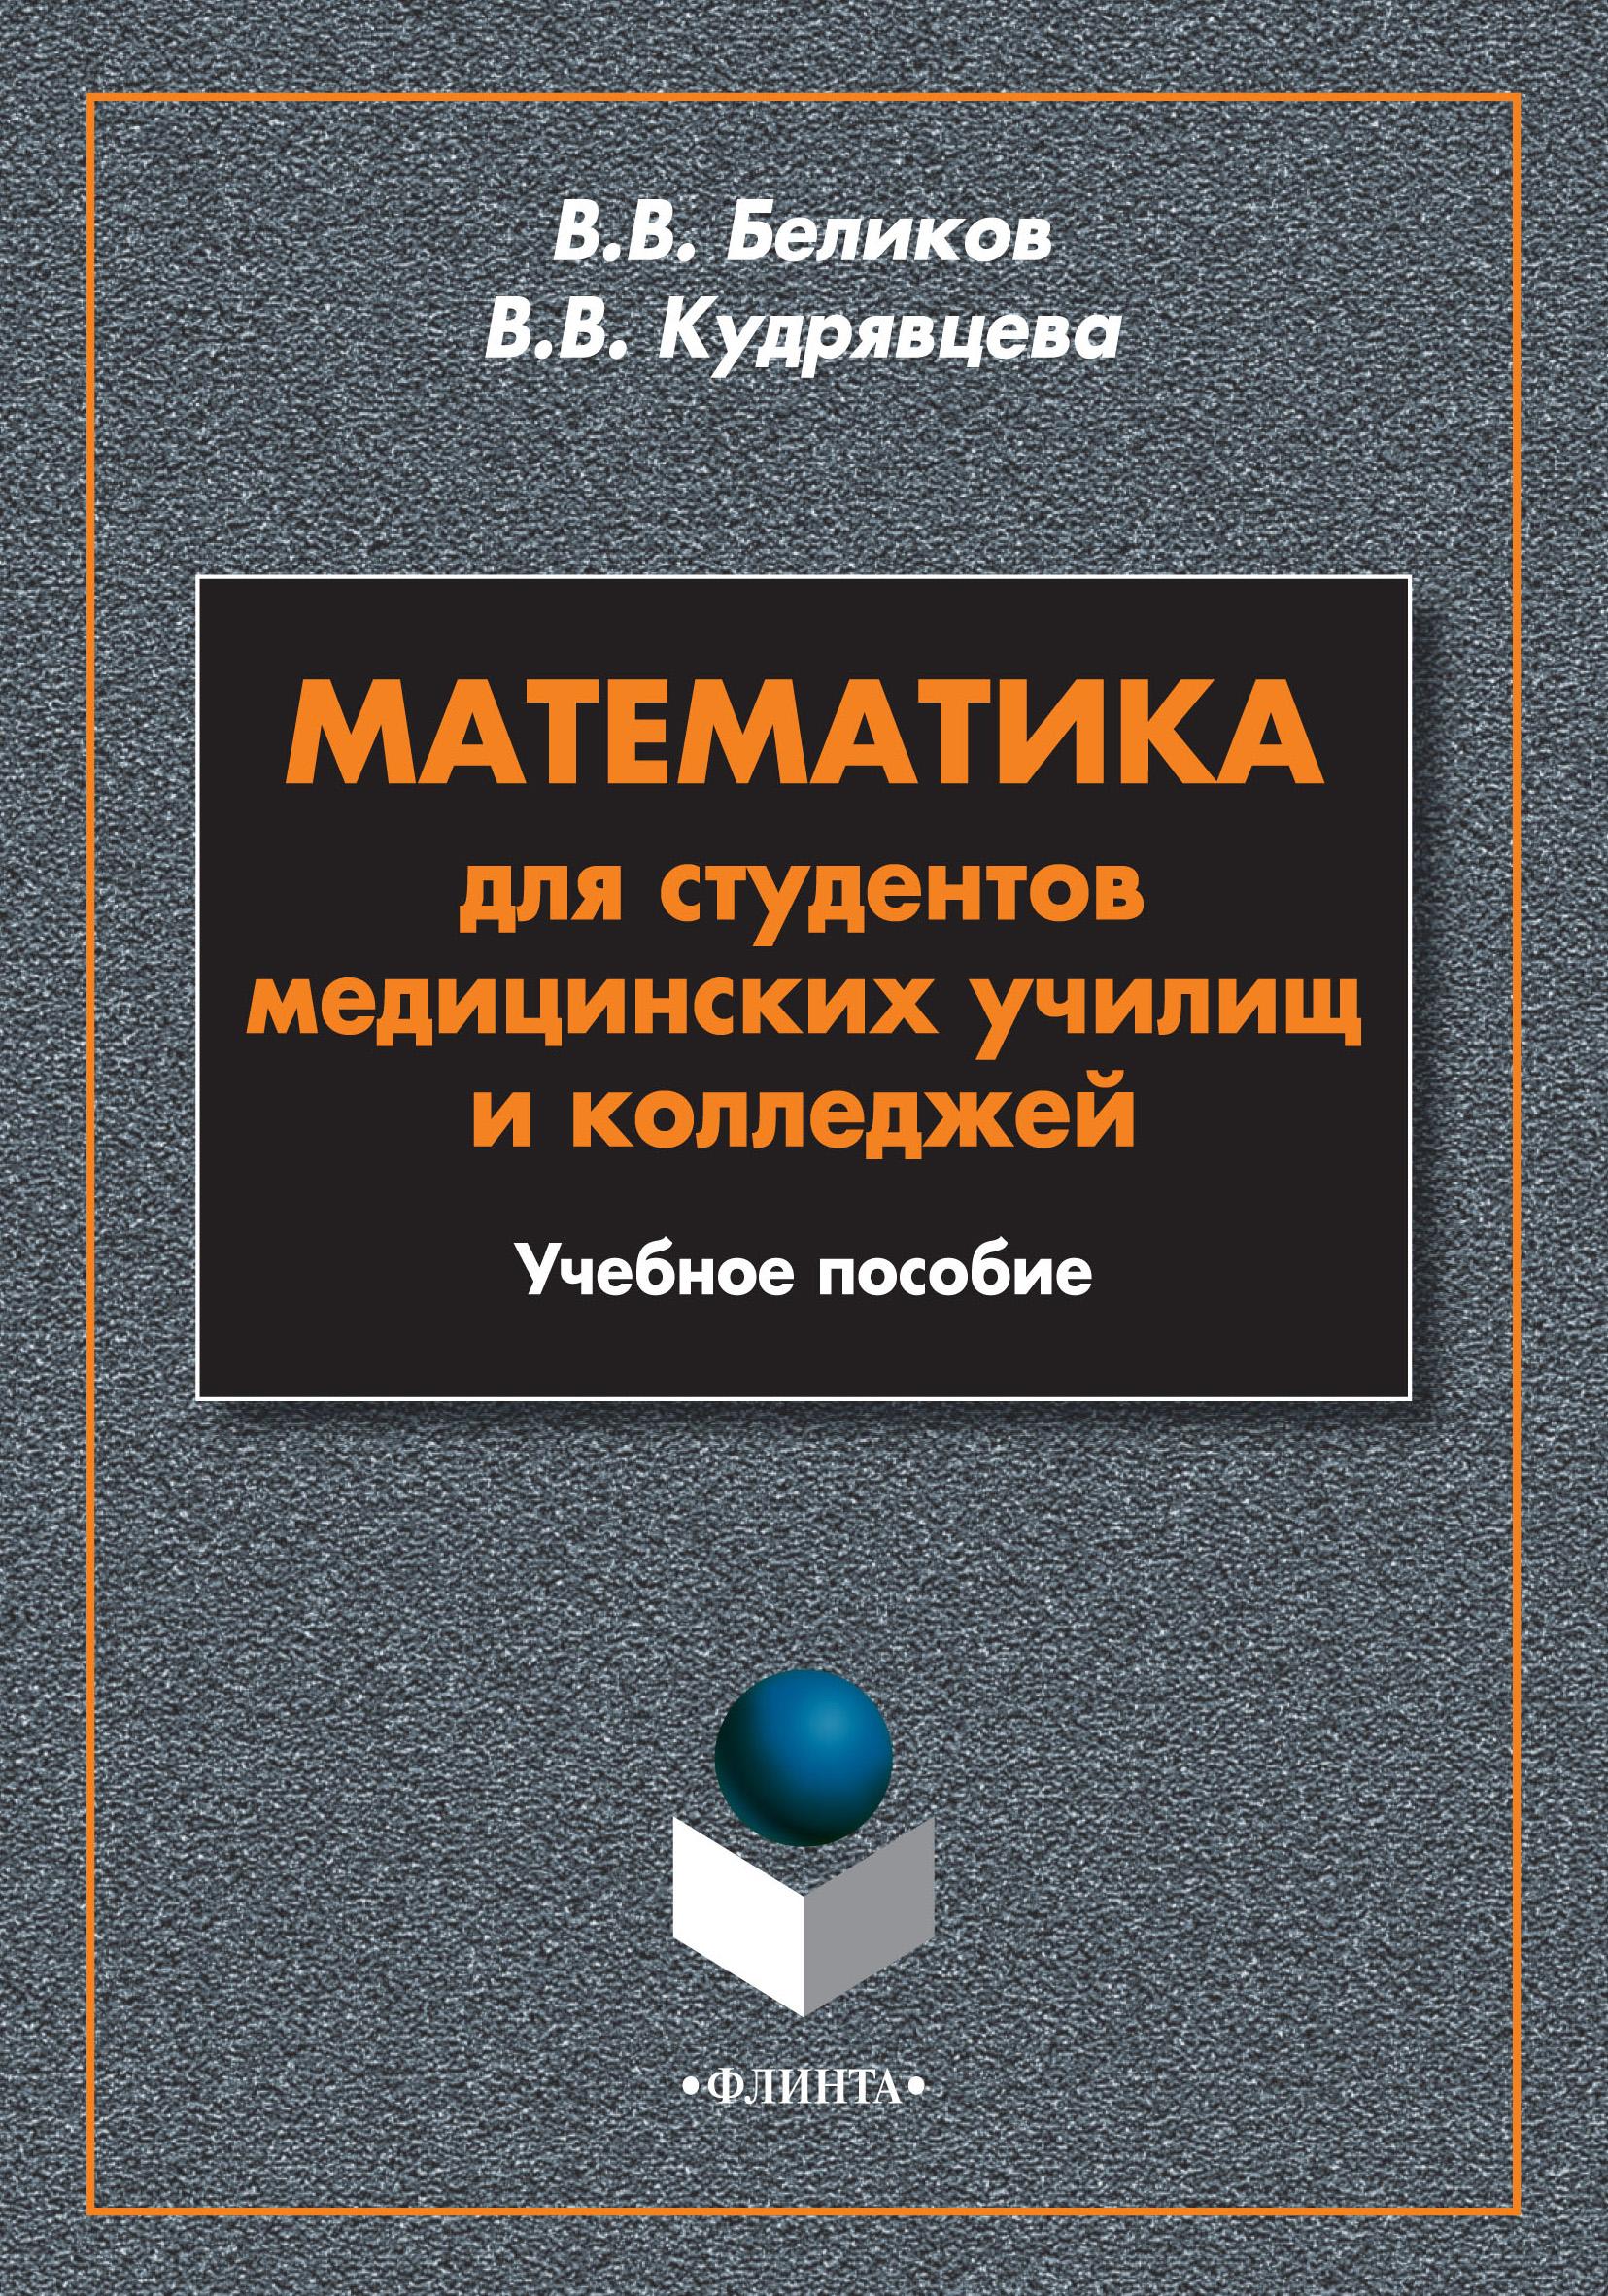 В. В. Беликов Математика для студентов медицинских училищ и колледжей. Учебное пособие